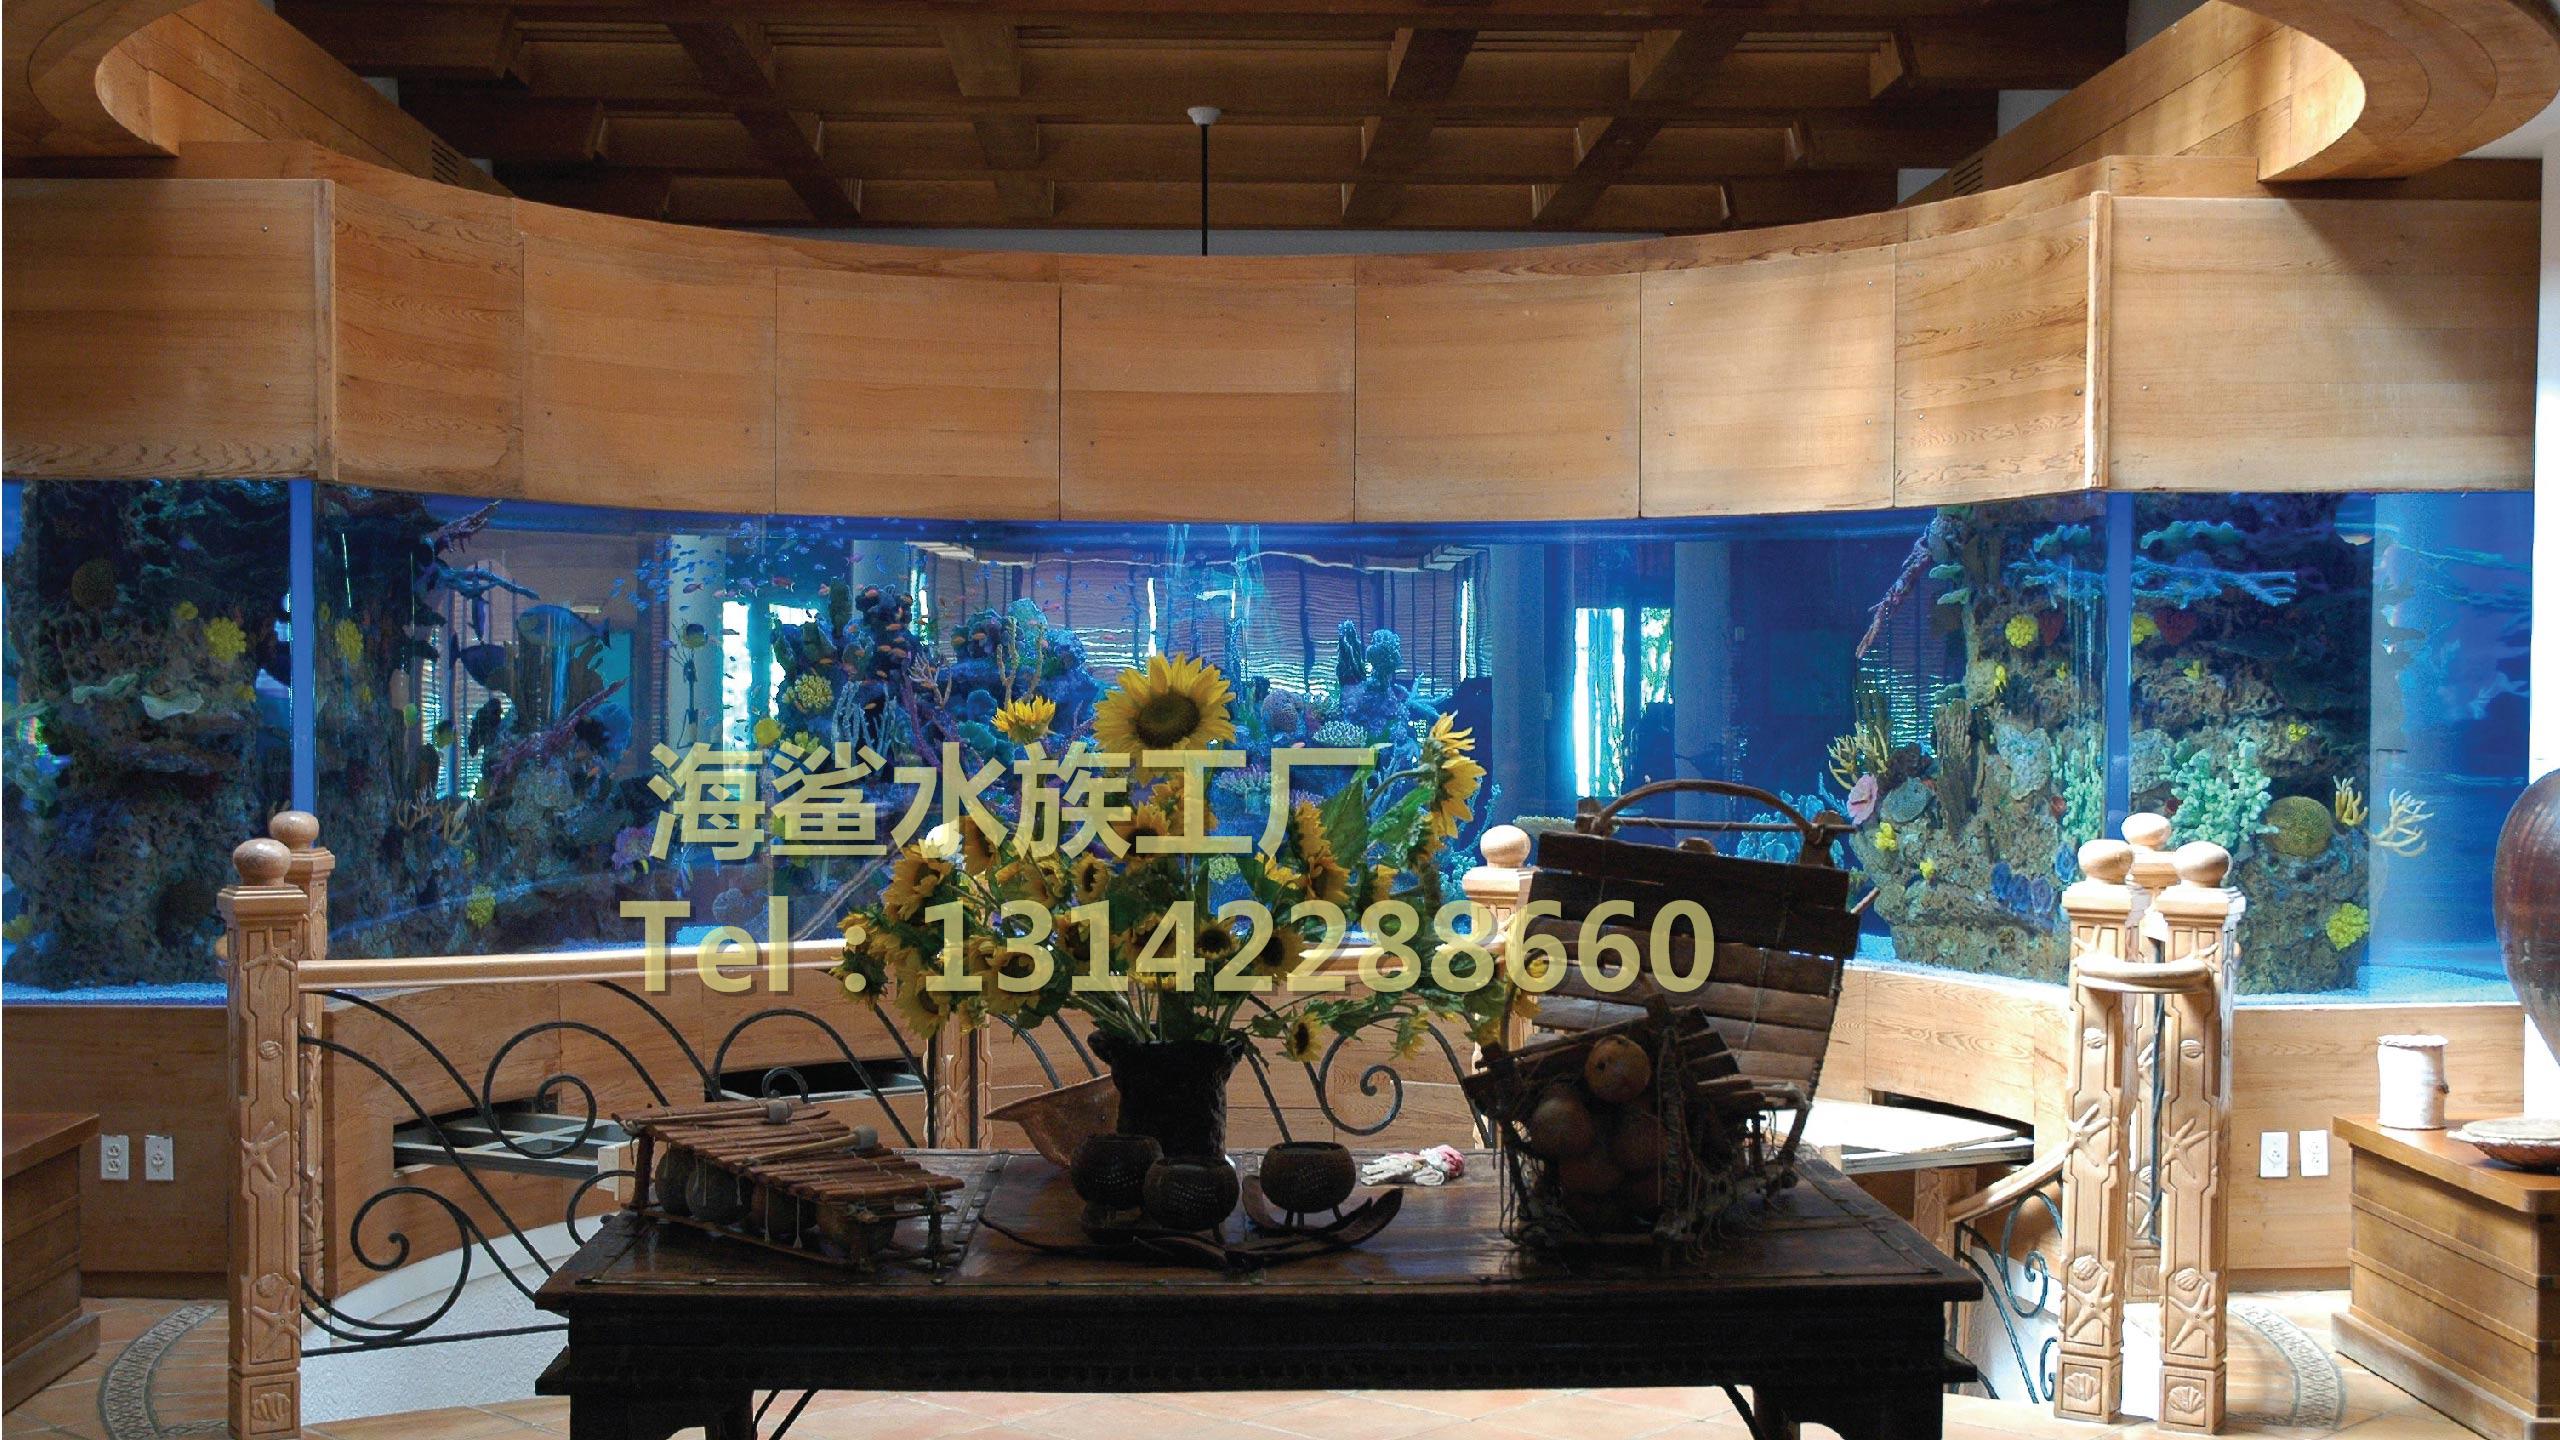 海鲨水族工厂介绍亚克力鱼缸中热带鱼的食性